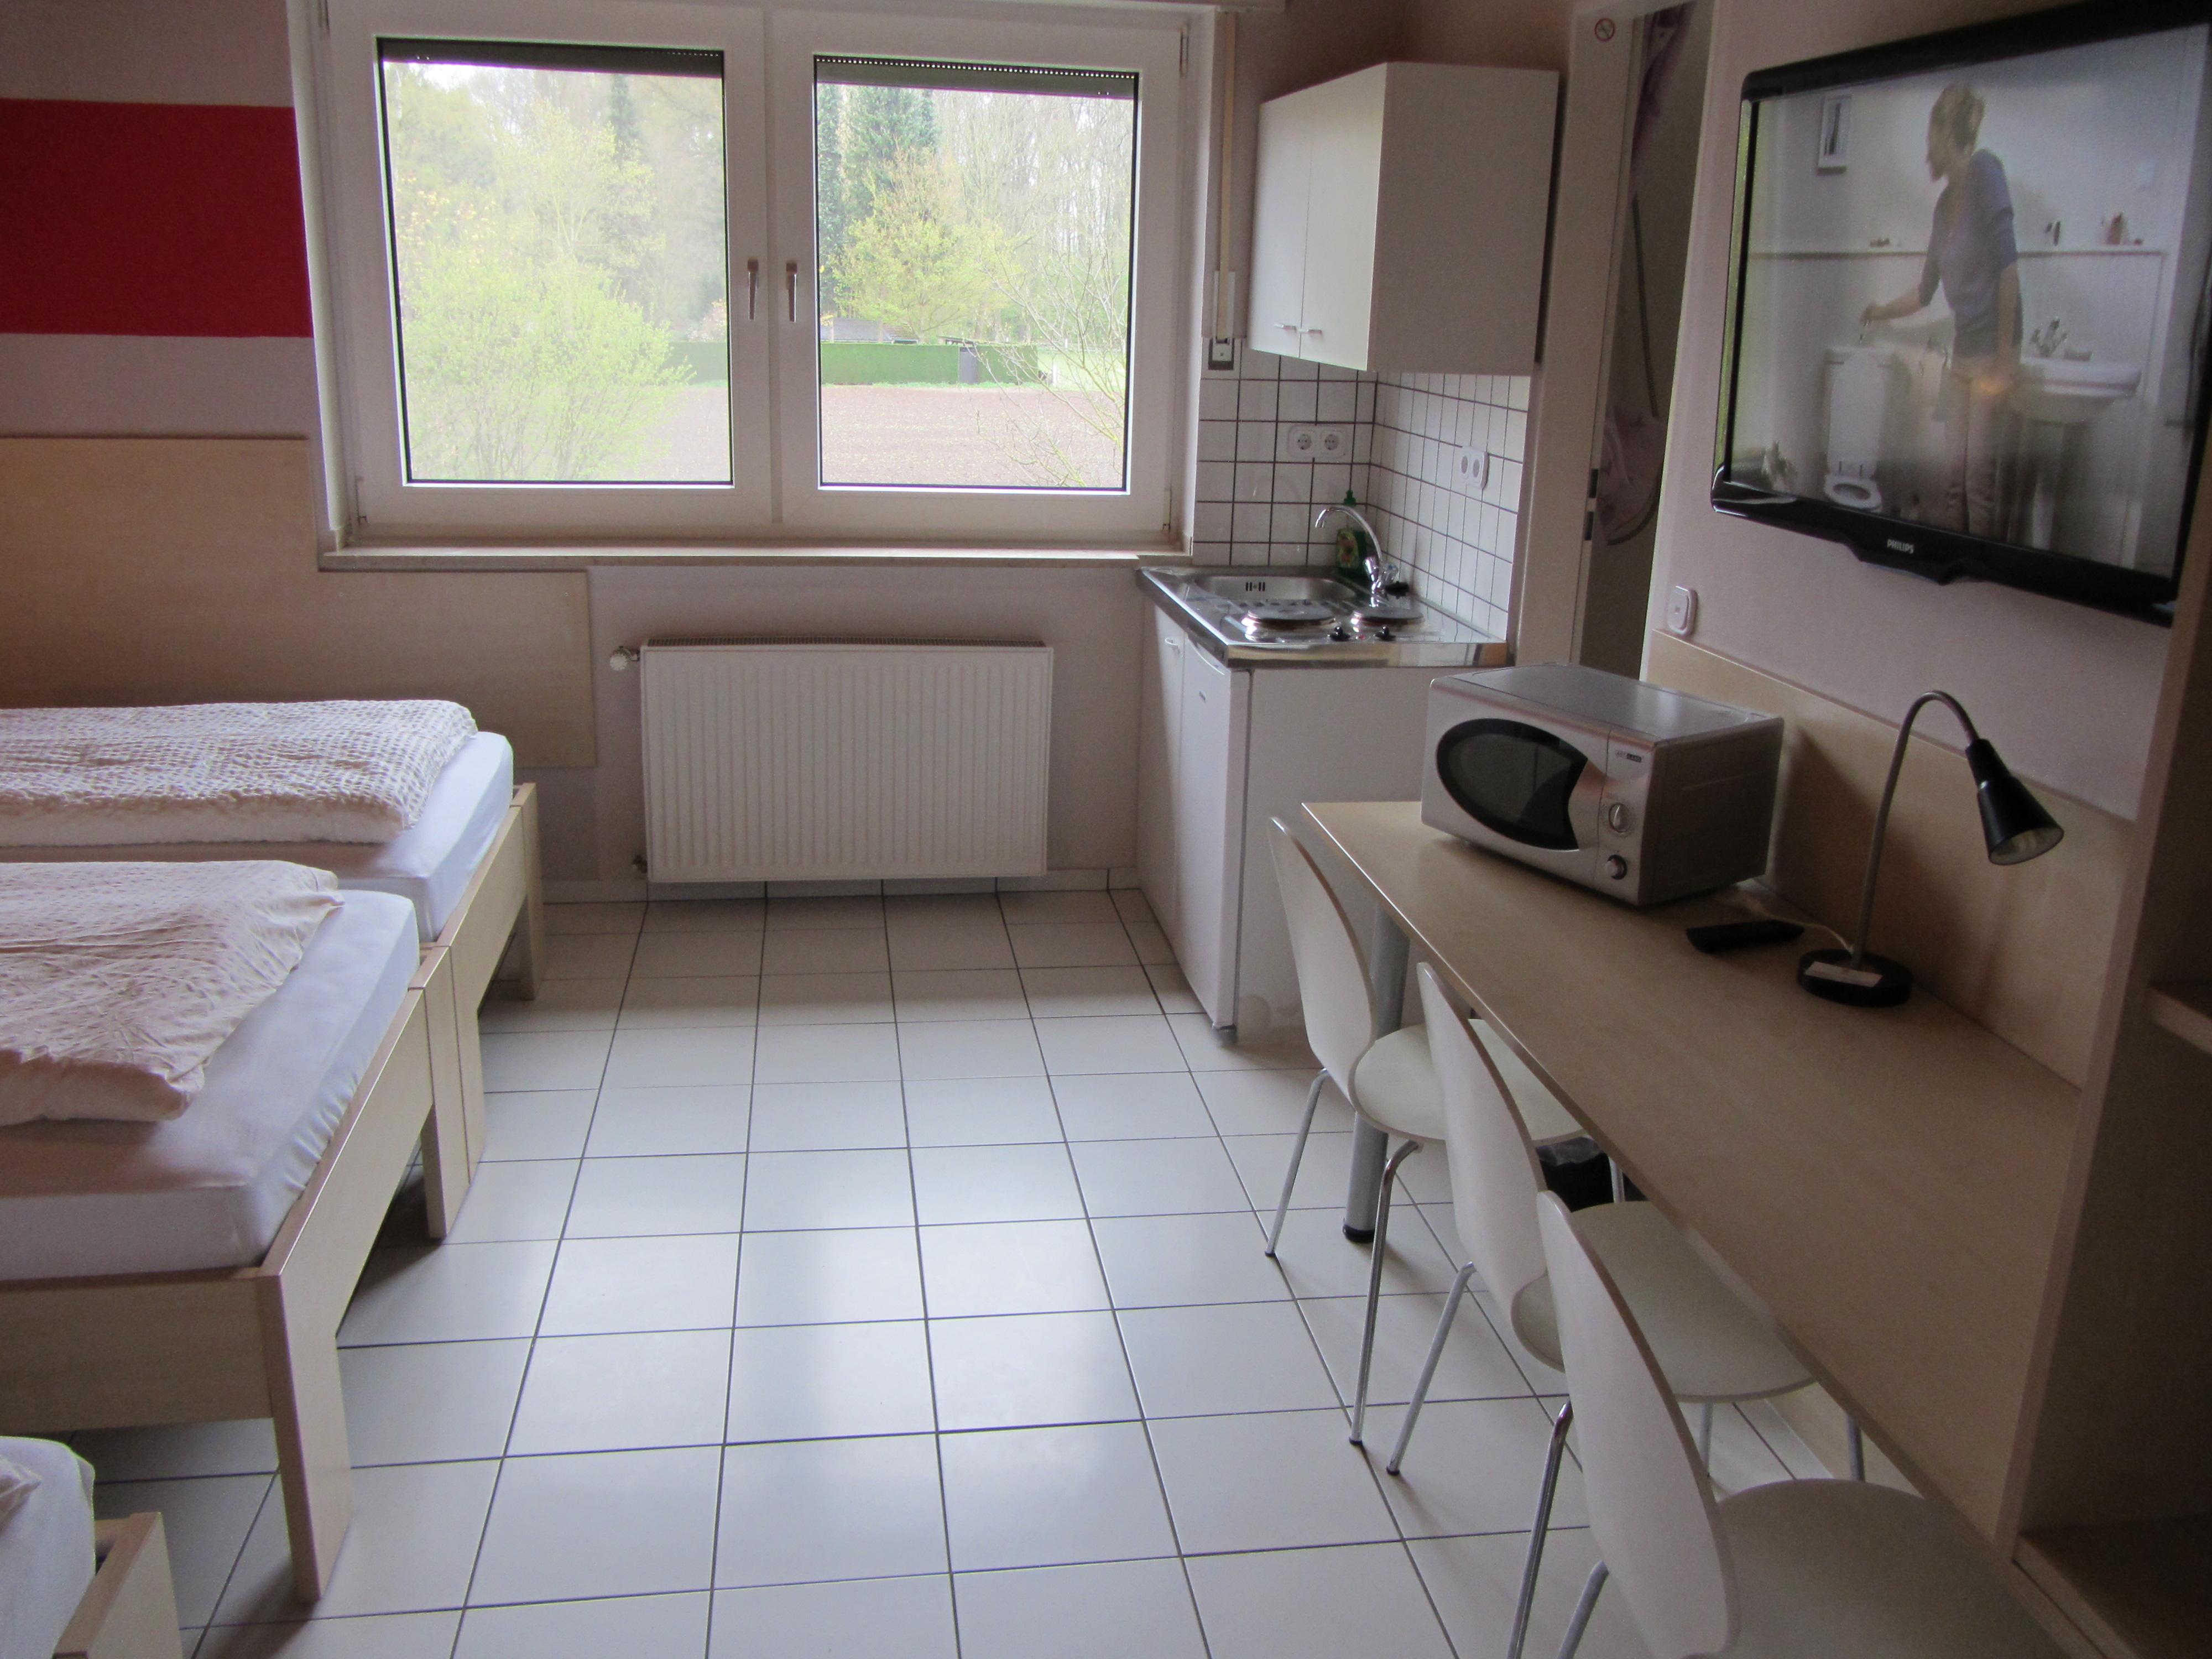 Appartement, Apartment oder doch Appartment - Agentur für Zimmervermittlung